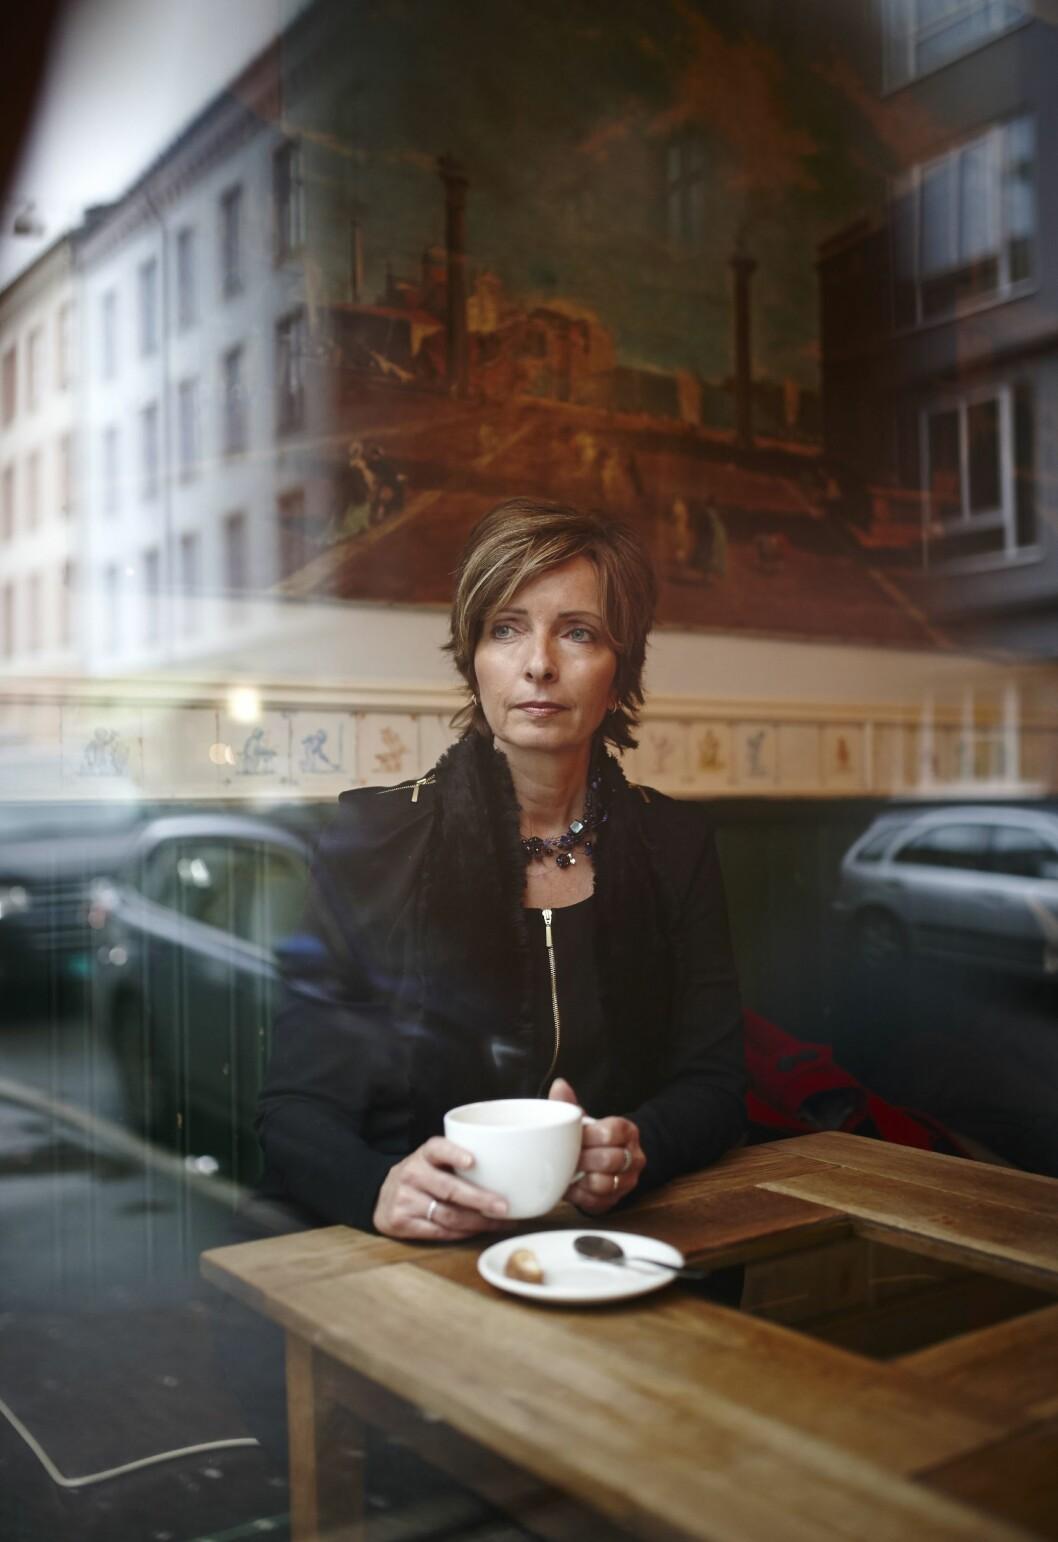 USIKKER PÅ FREMTIDEN: Hanne Kristin Rohde har ennå ikke bestemt seg for om hun går tilbake til lederjobben i politiet. Foto: All Over Press Norway